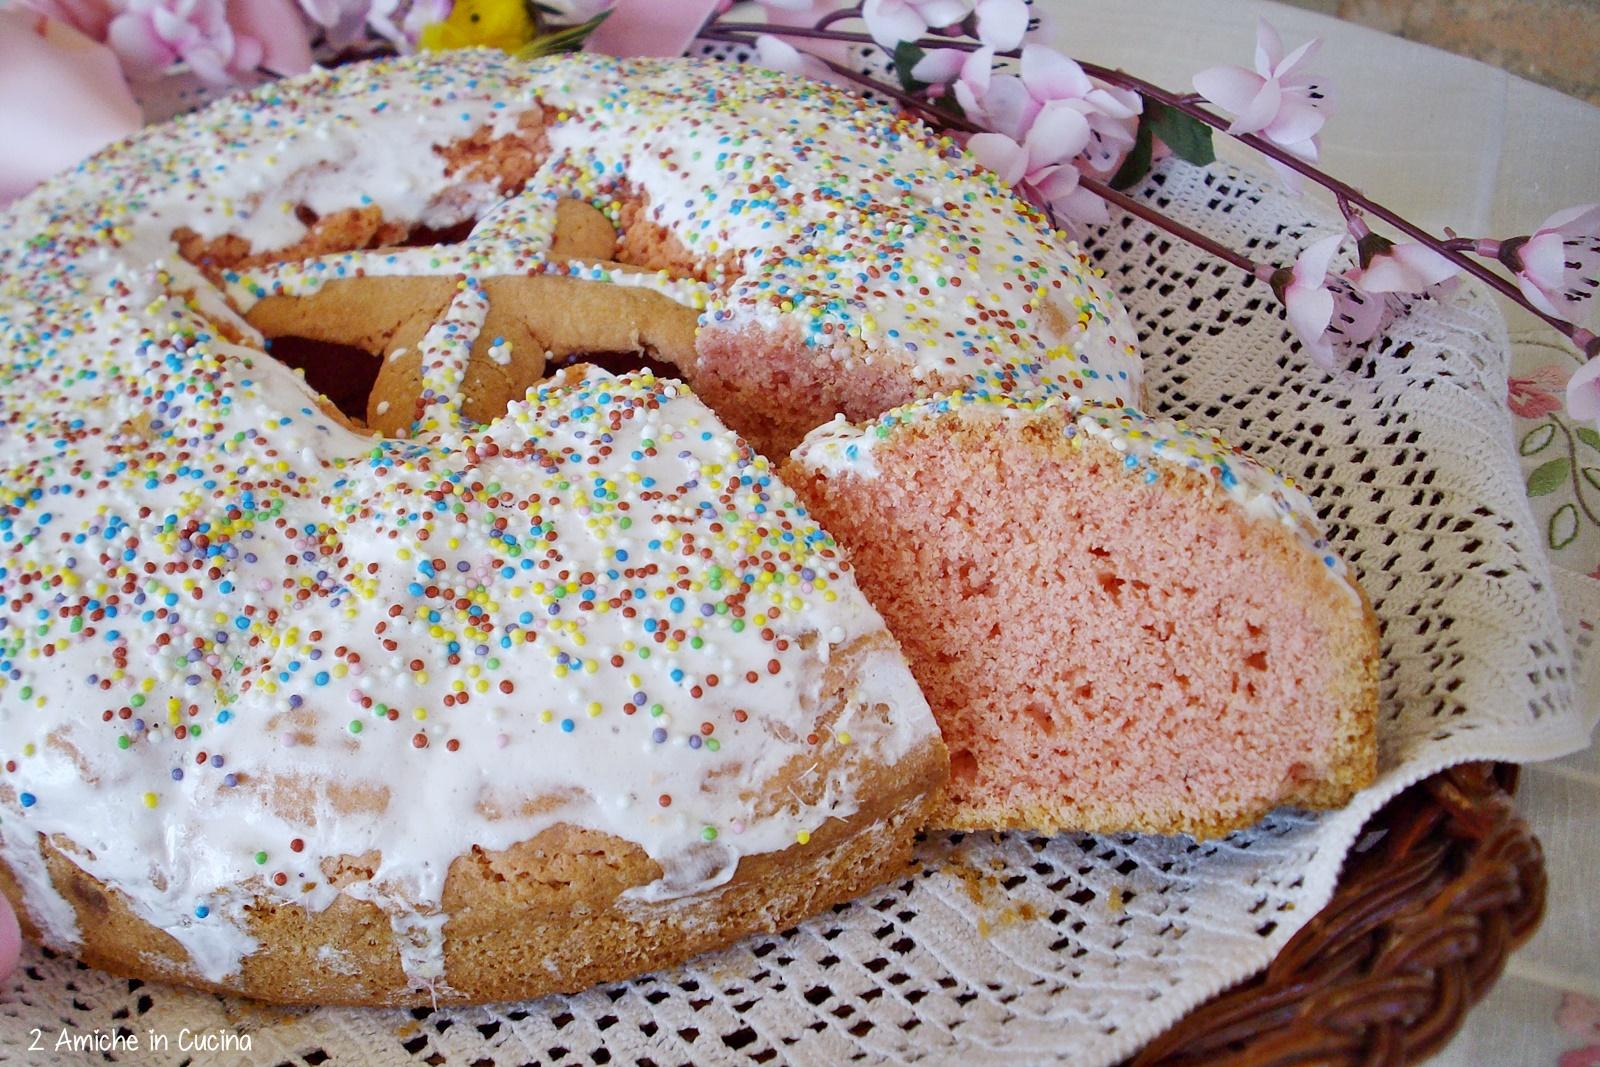 Pasqua in Umbria - 7 ricette della tradizione dolci e salate